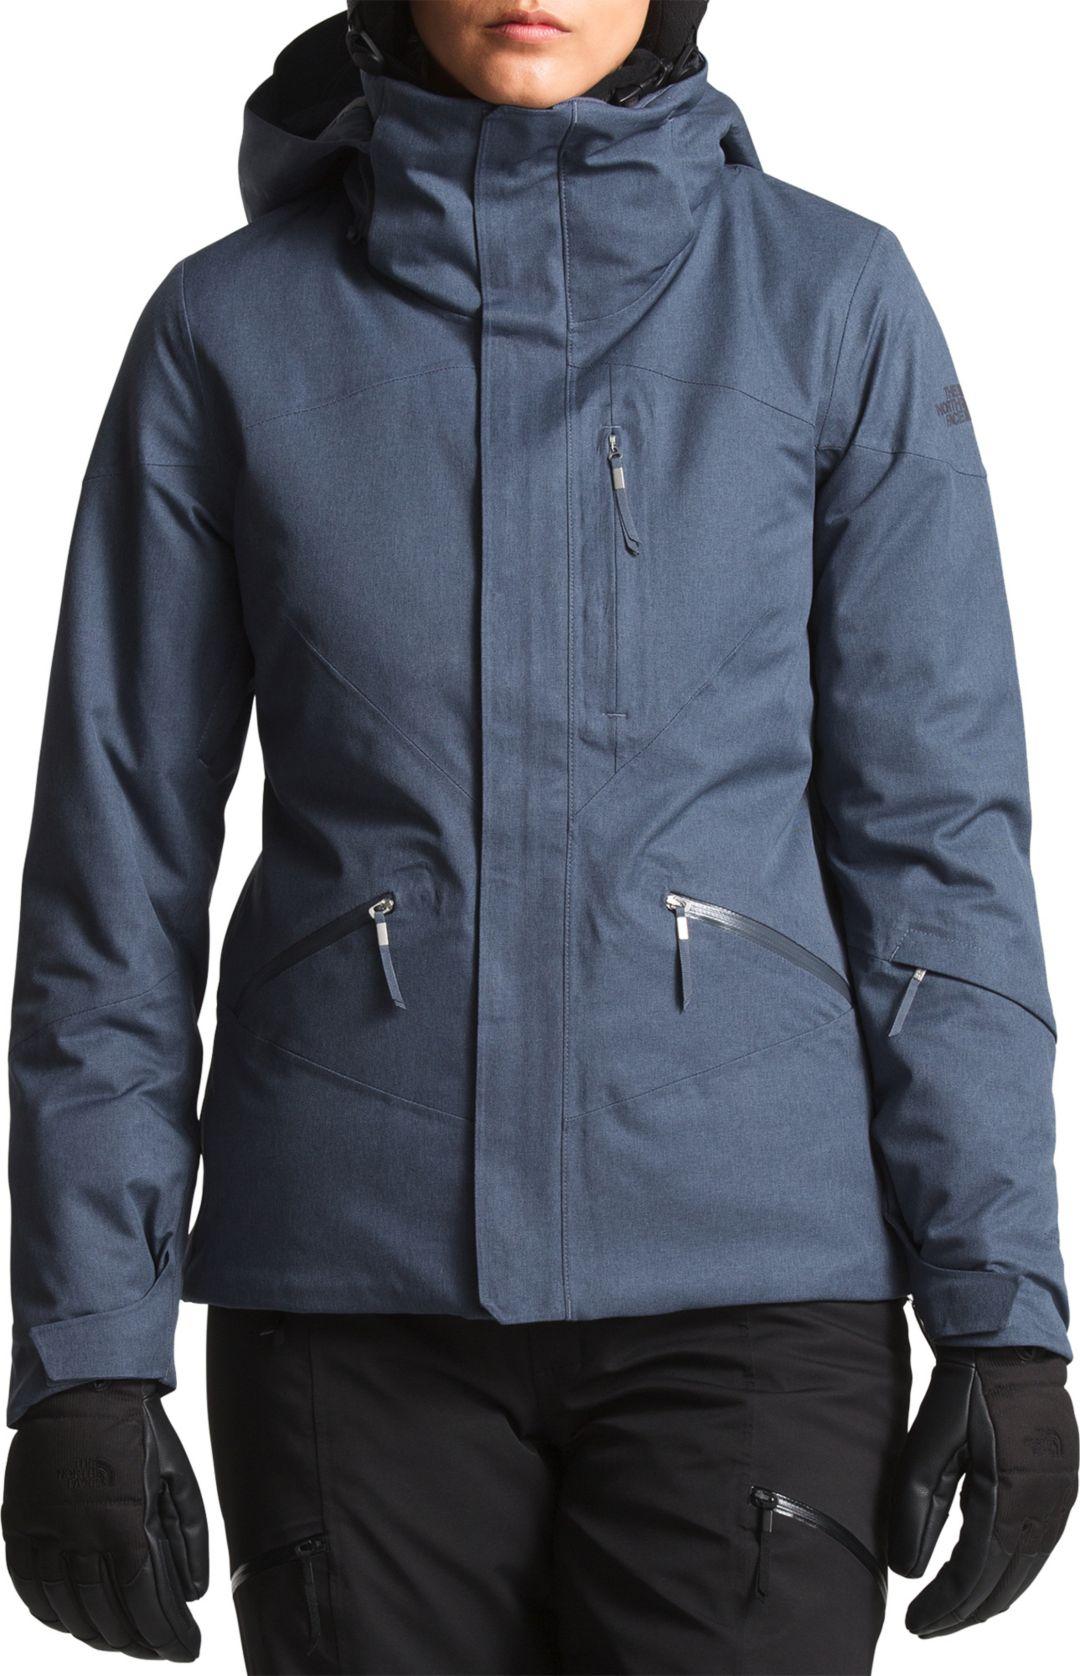 ff7638a8e The North Face Women's Lenado Jacket